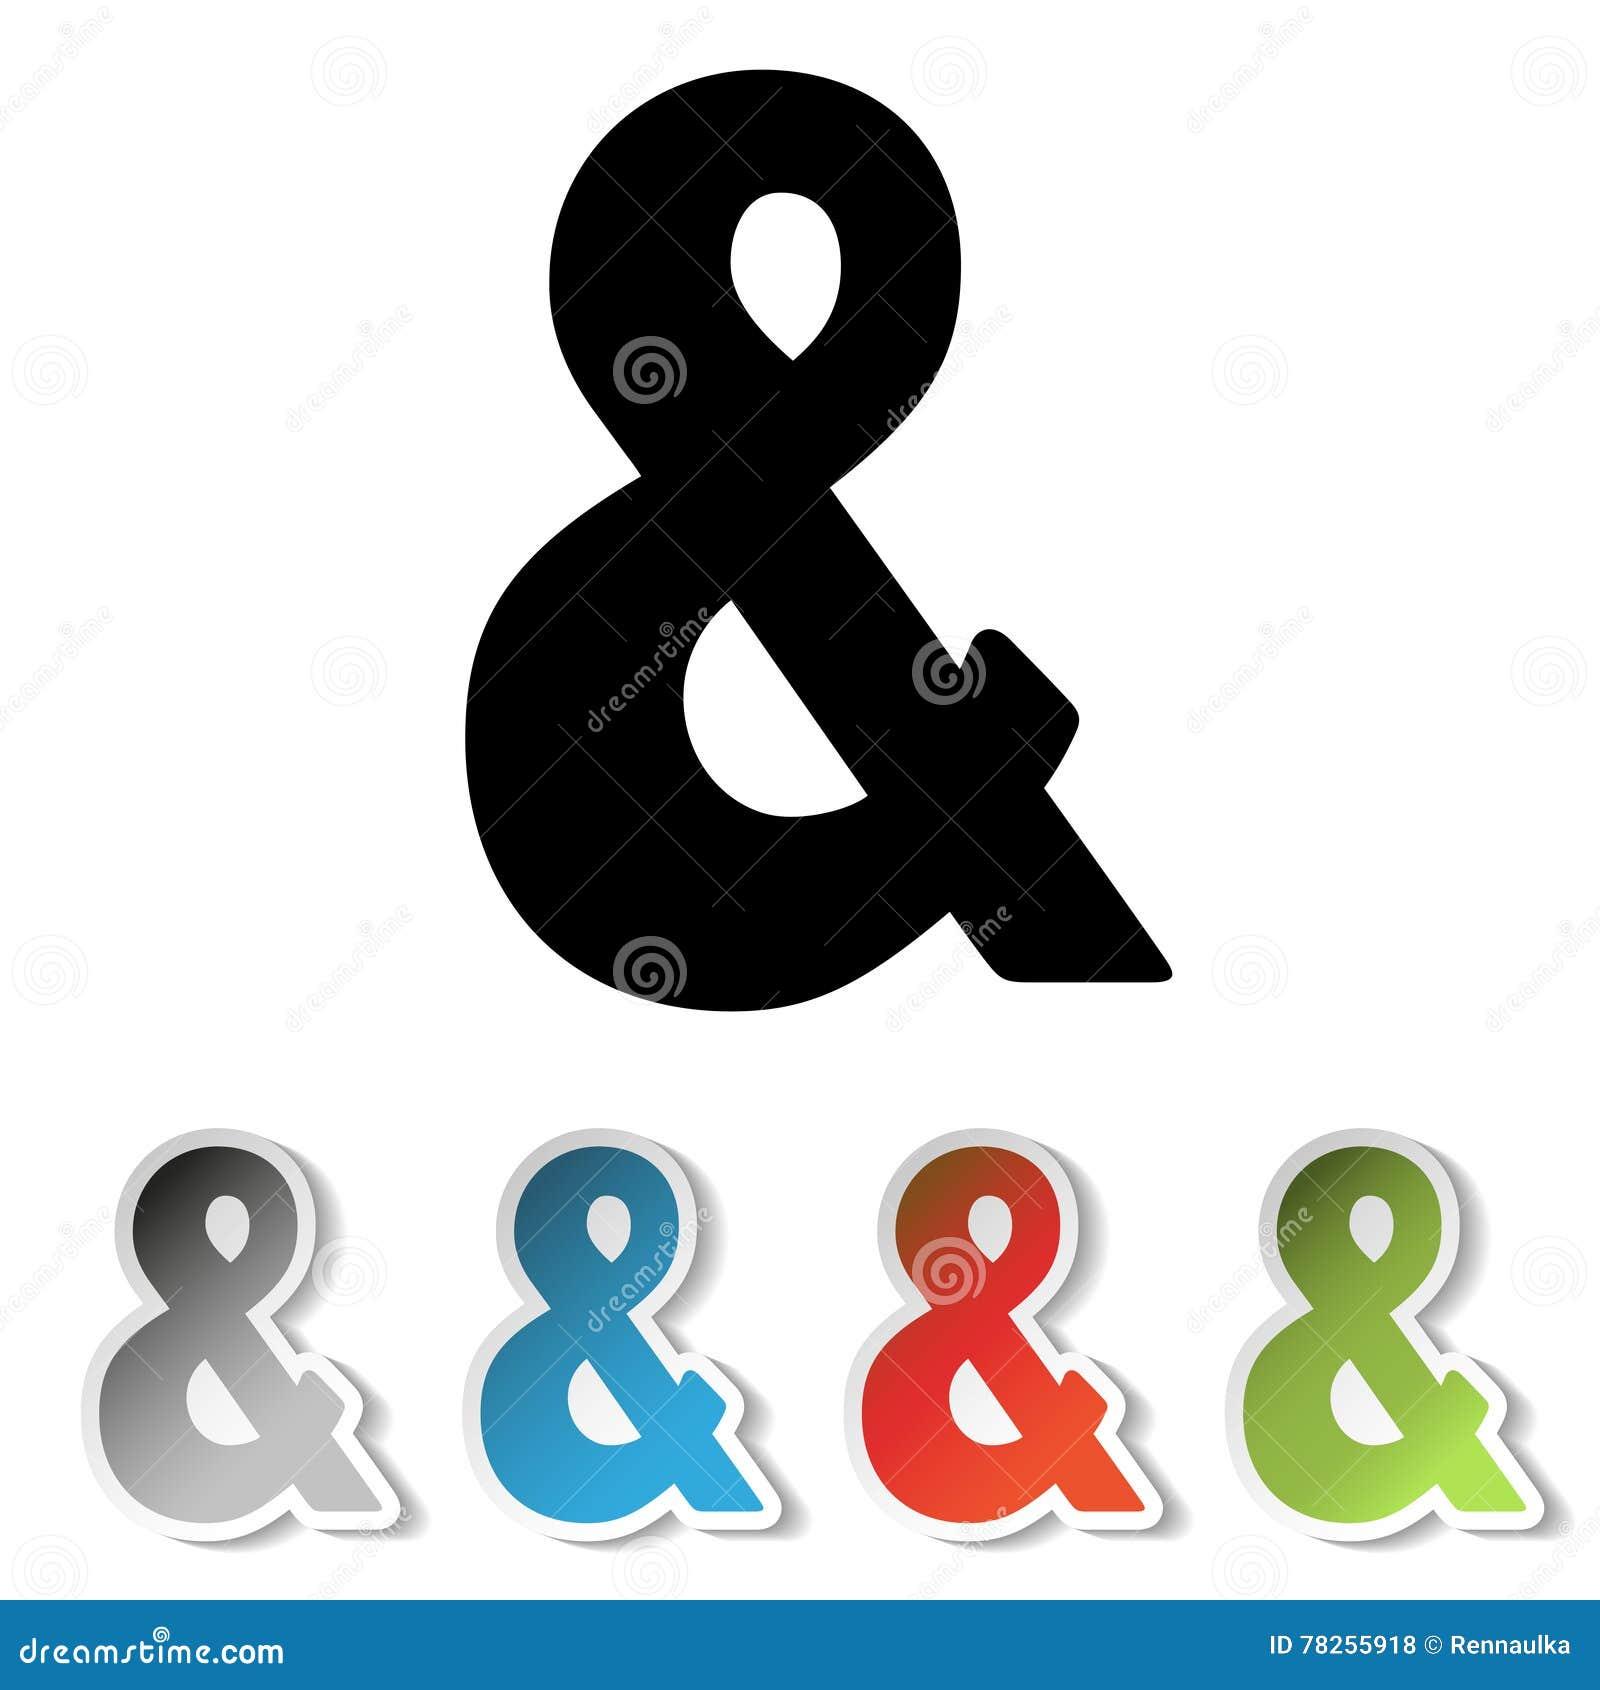 Απλό μαύρο σύμβολο ampersand και γκρίζες, μπλε, κόκκινες, πράσινες αυτοκόλλητες ετικέττες με το σημάδι &